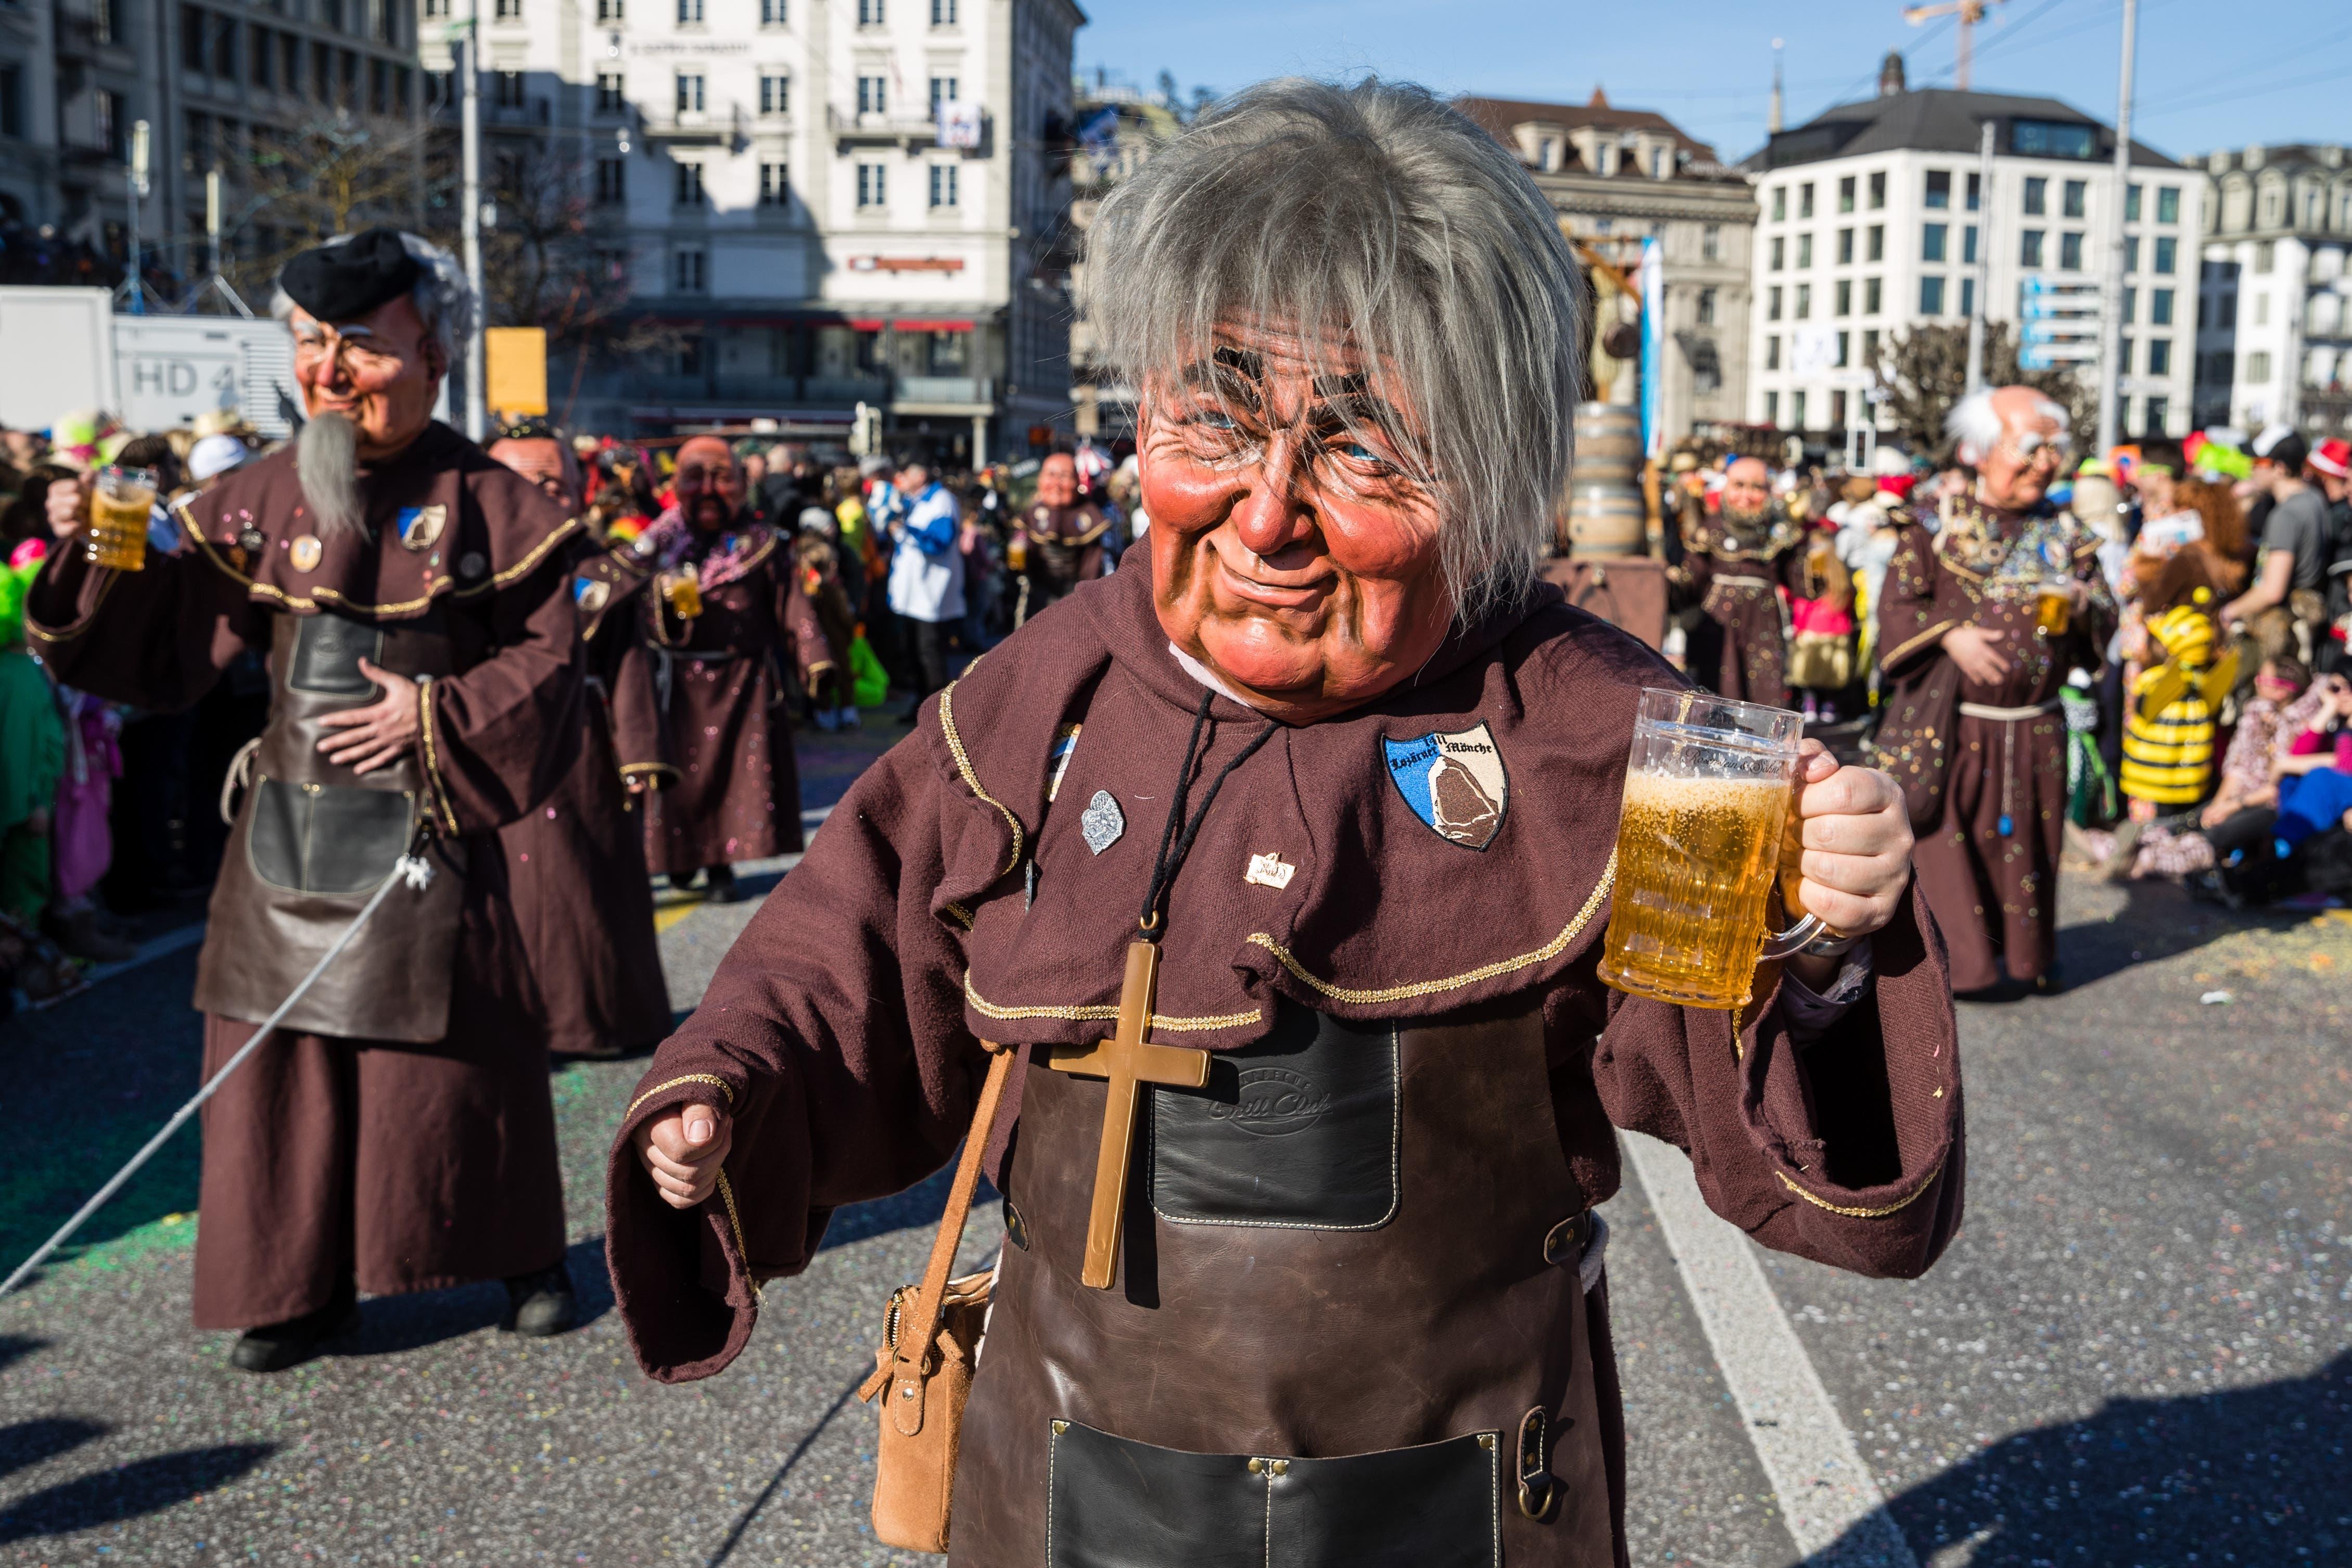 Prost: Die Lozärner Mönche sind als Bier-Brauer-Mönche unterwegs.